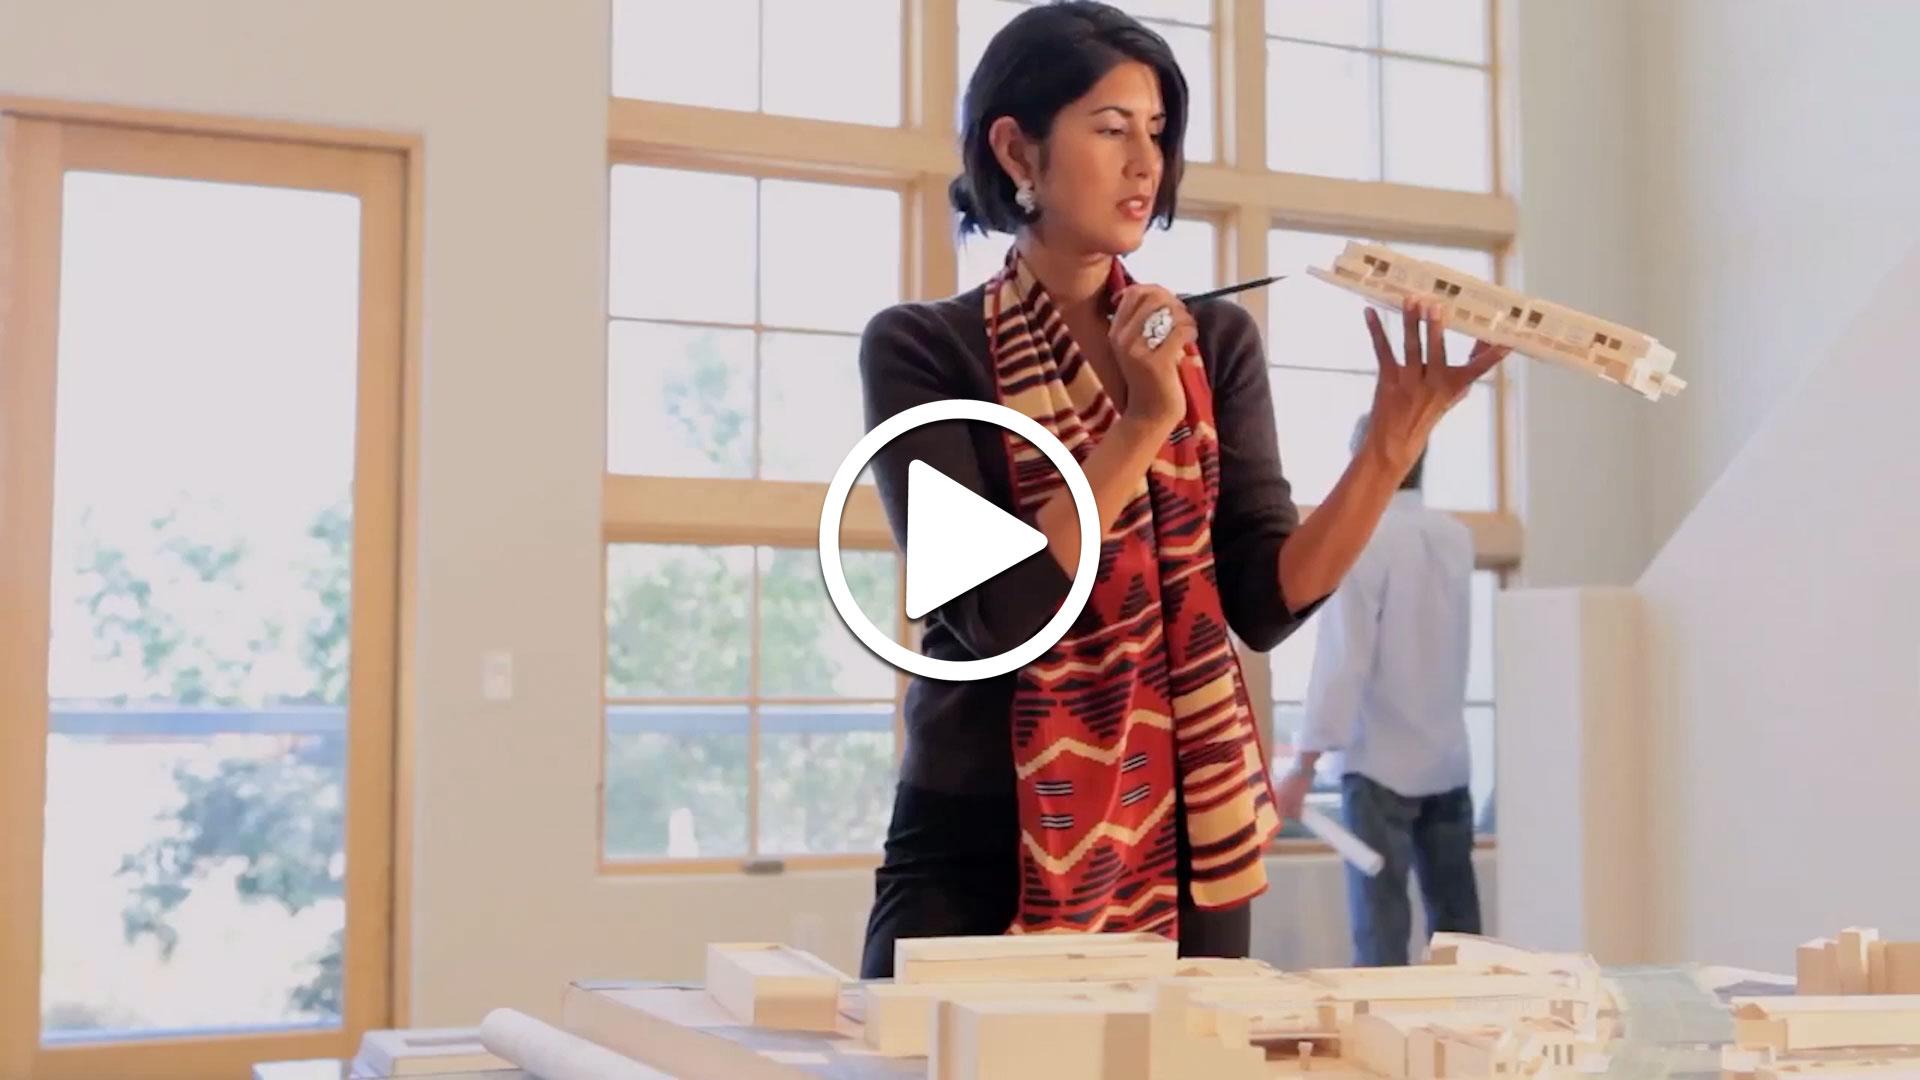 USG Corporation - Video for USG Corporation hosted by Digi-Me